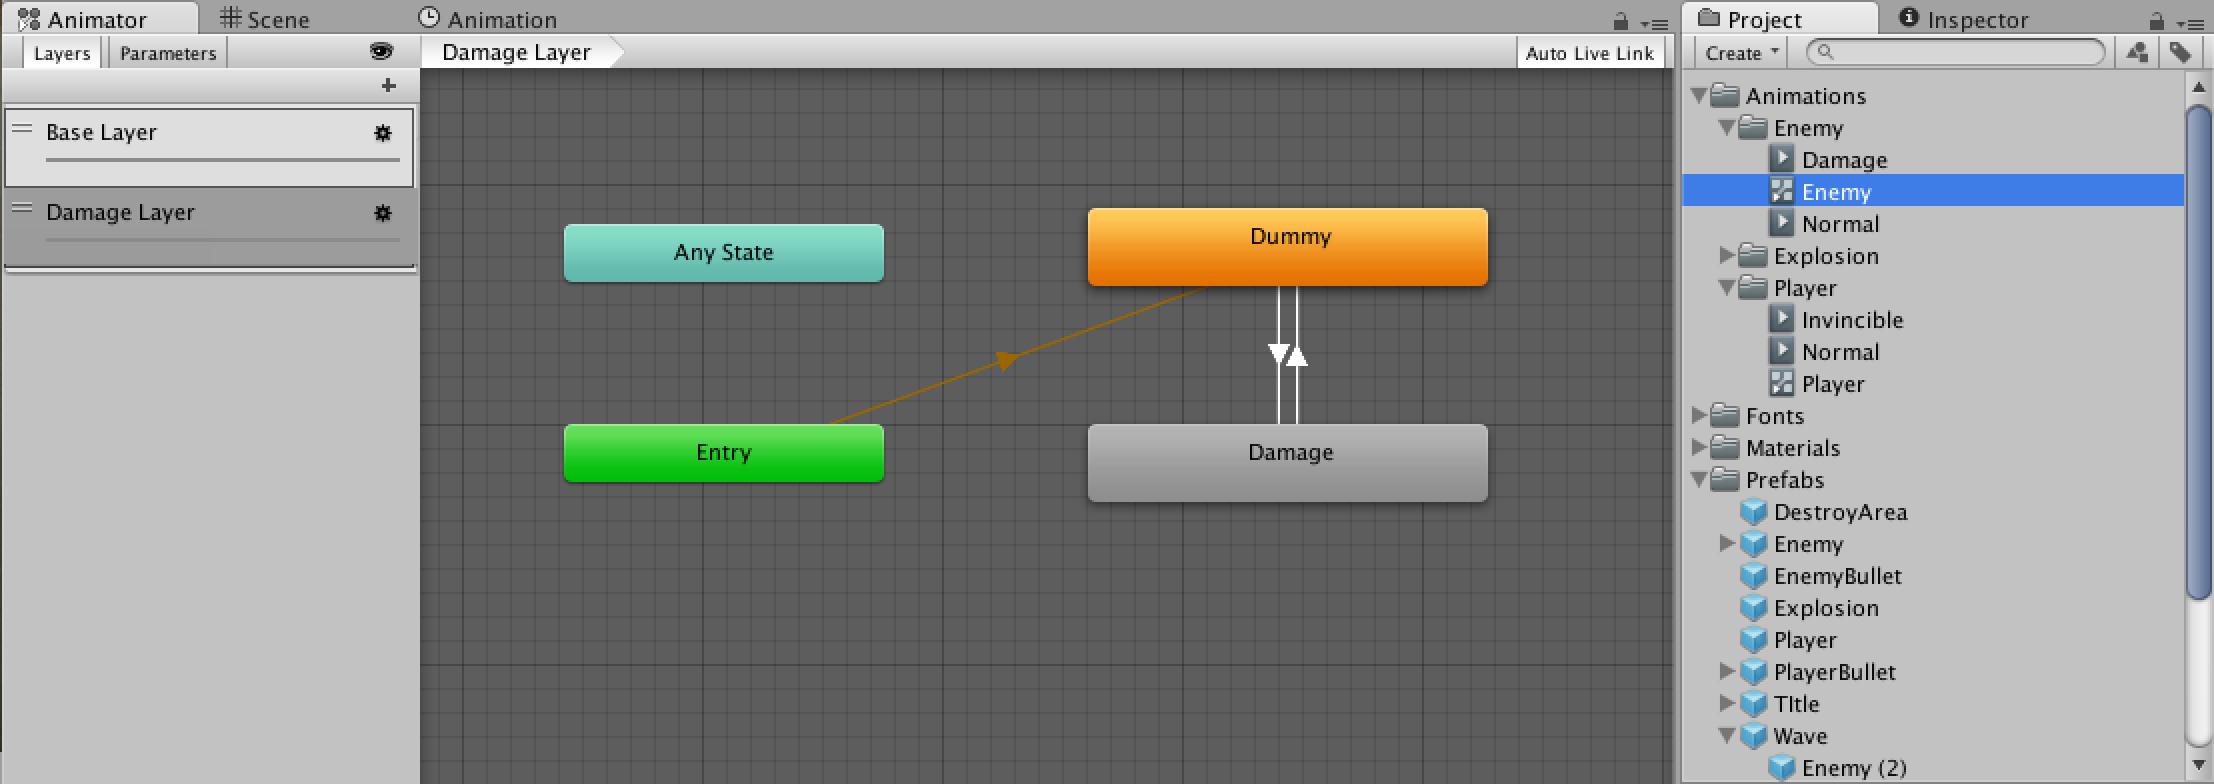 新しいレイヤーを作成し、ダメージを受けた時の表現を実装する(完成図)